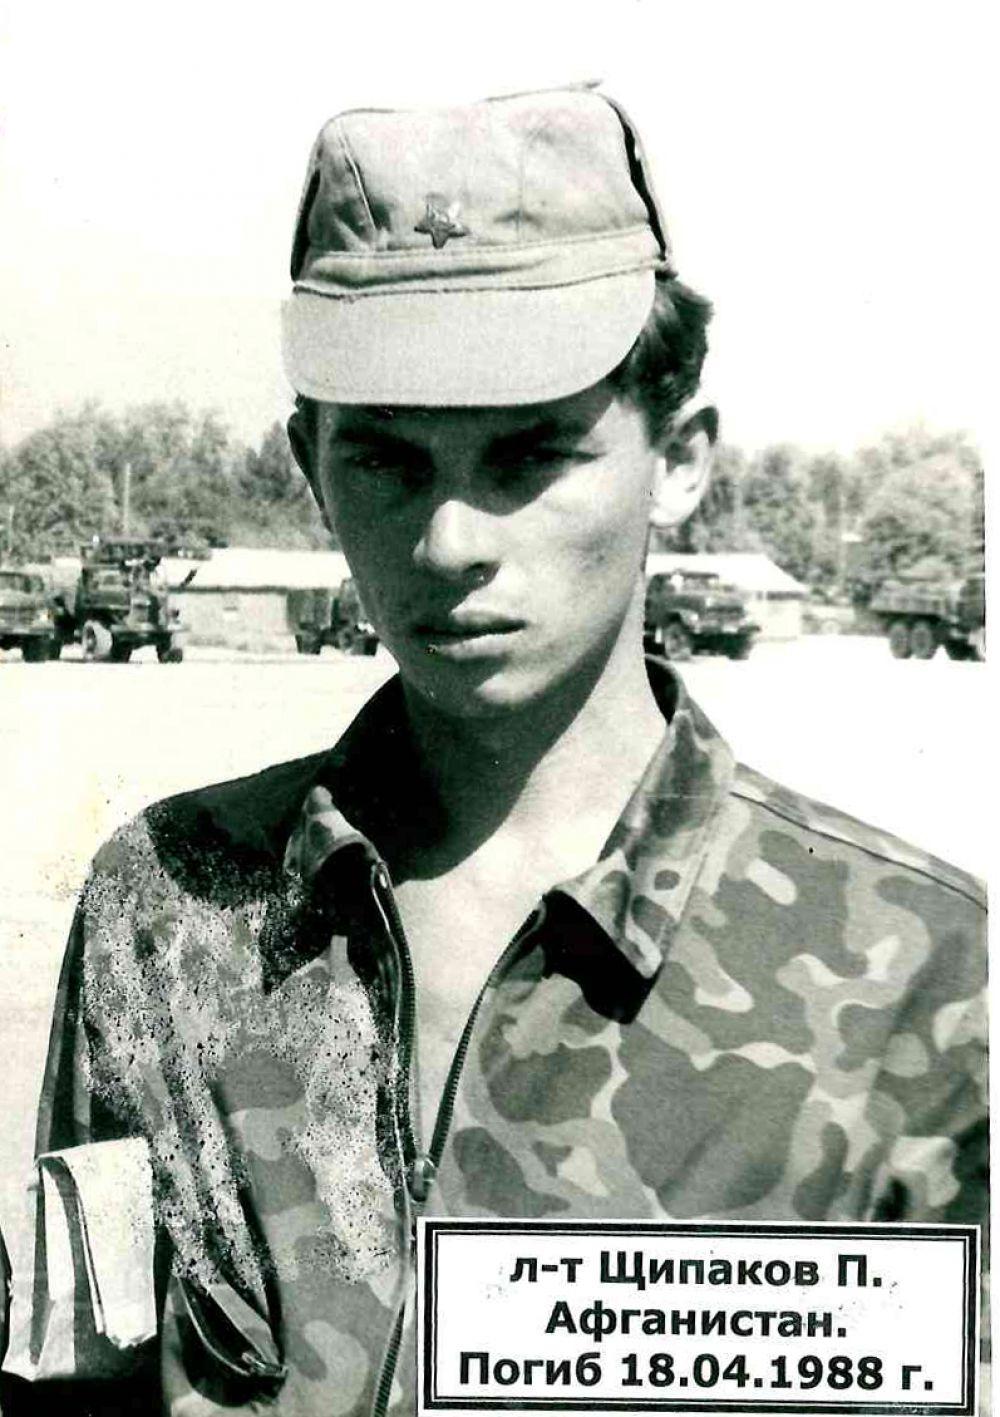 Лейтенант Павел Алексеевич Щипаков. Погиб 18 апреля 1988 года.